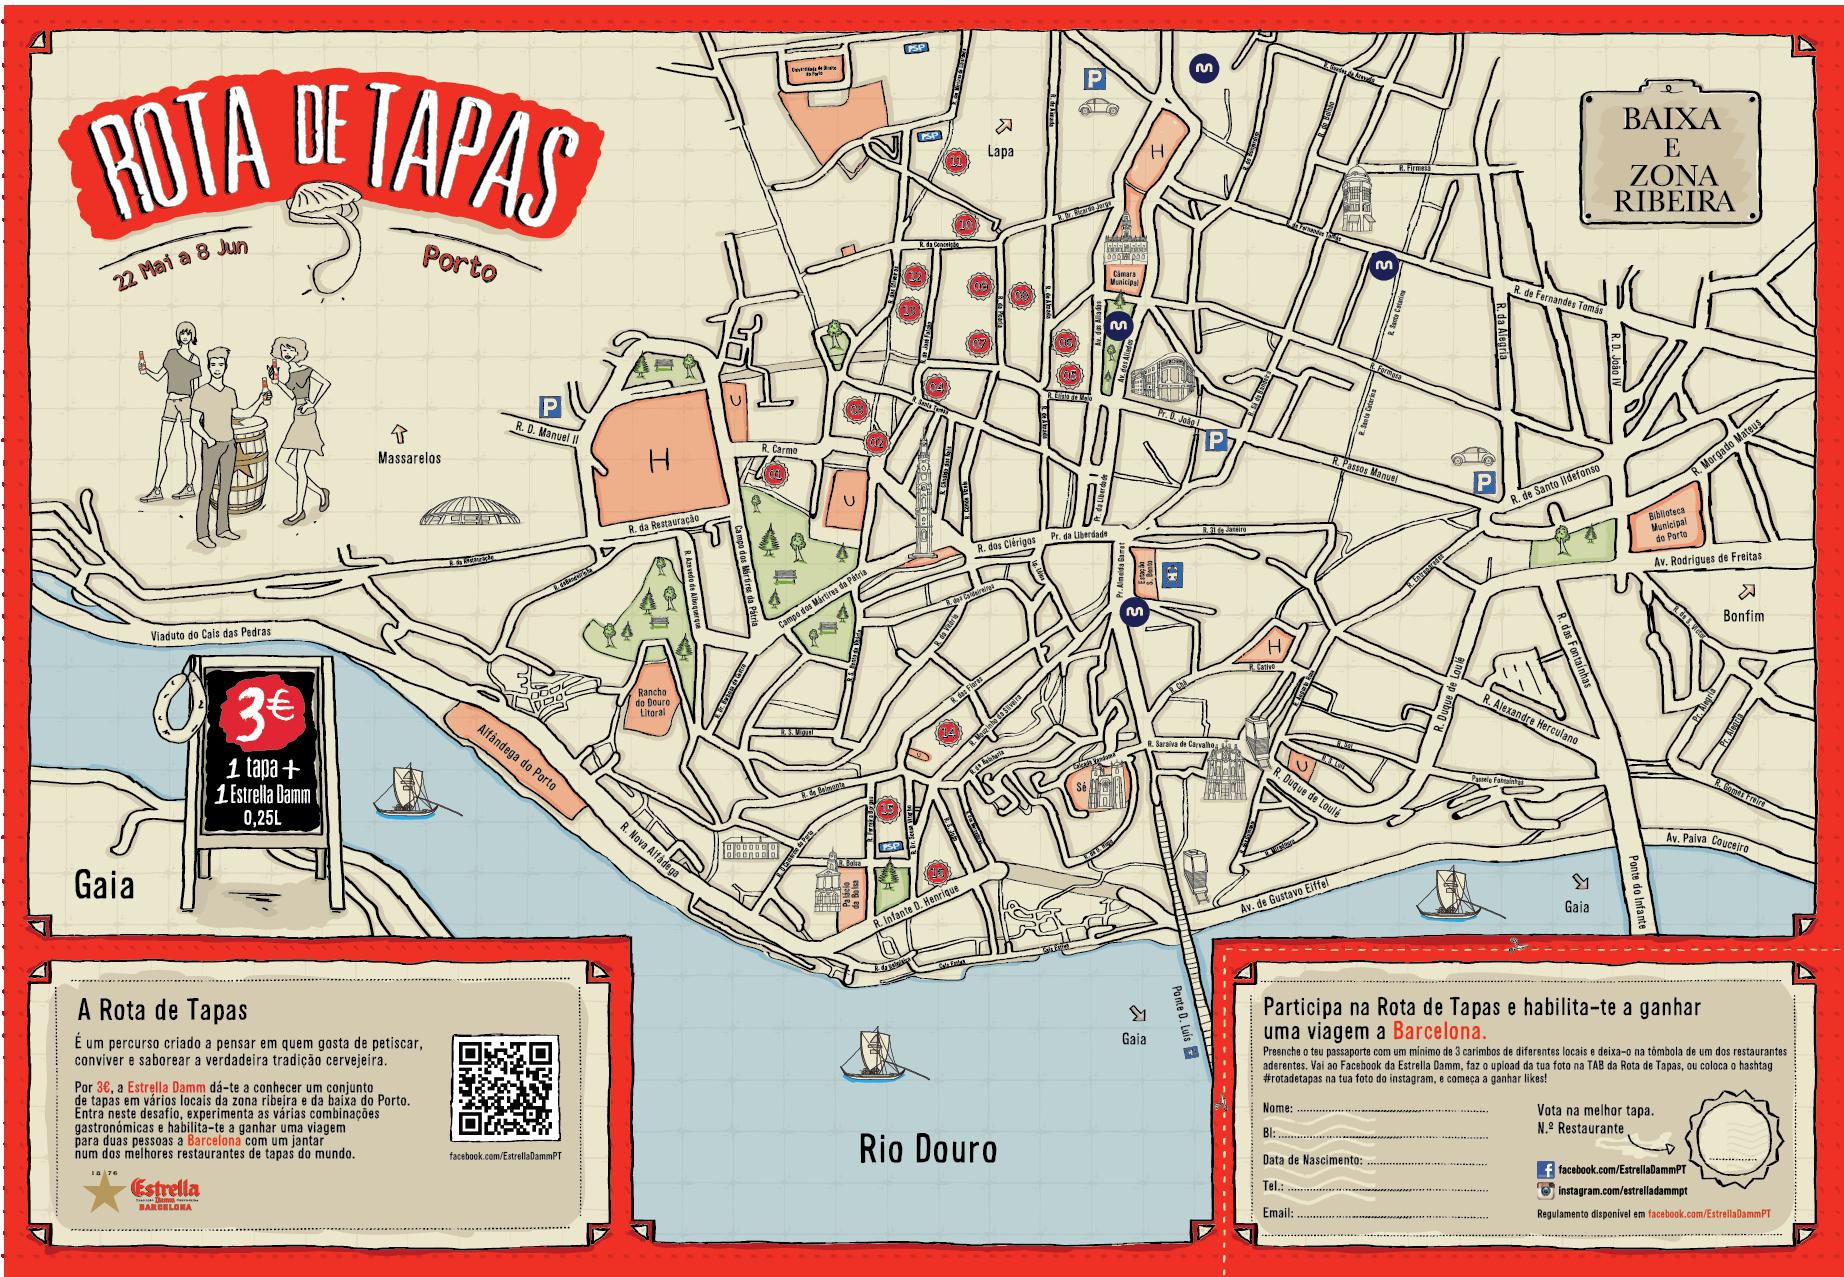 rota das tapas lisboa mapa Rotas de Tapas   Lisboa e Porto   A Melhor Amiga da Barbie rota das tapas lisboa mapa